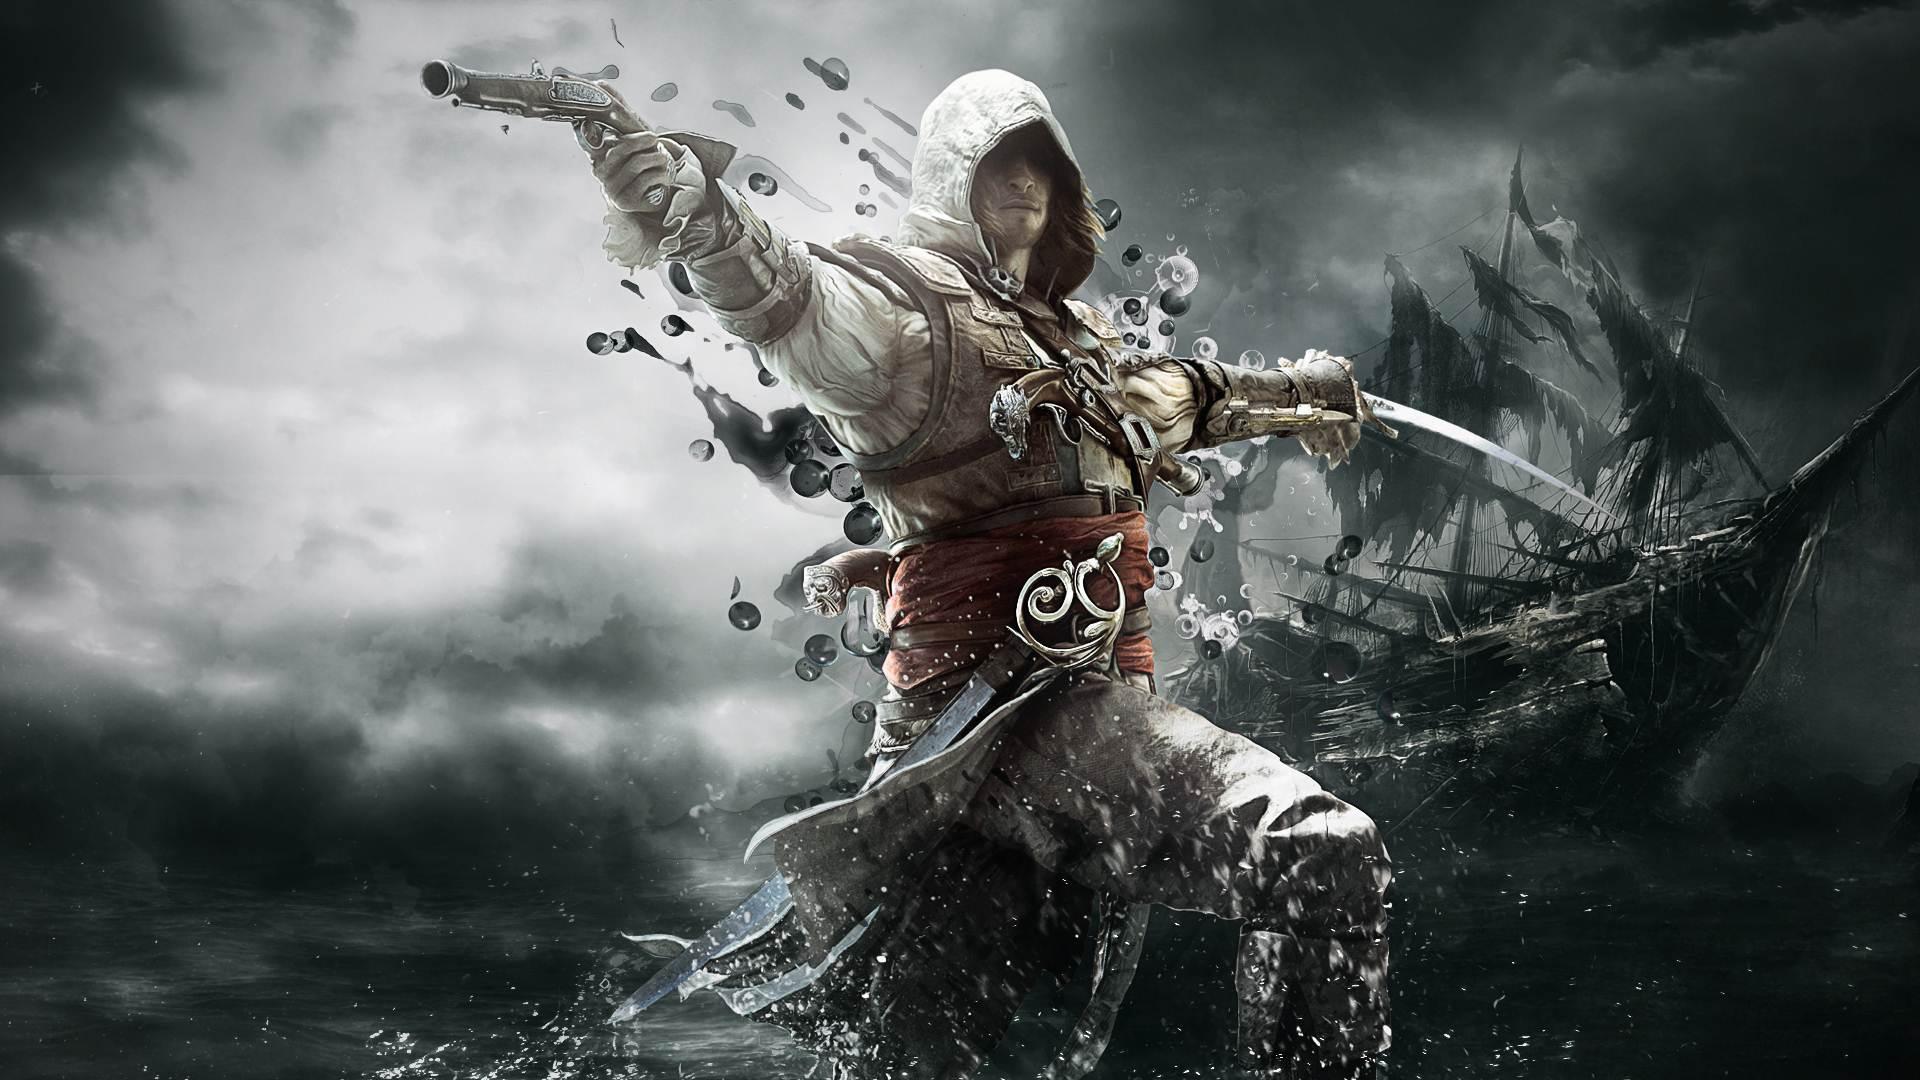 Assassins Creed 4 Black Flag Wallpapers en 1080P HD 1920x1080